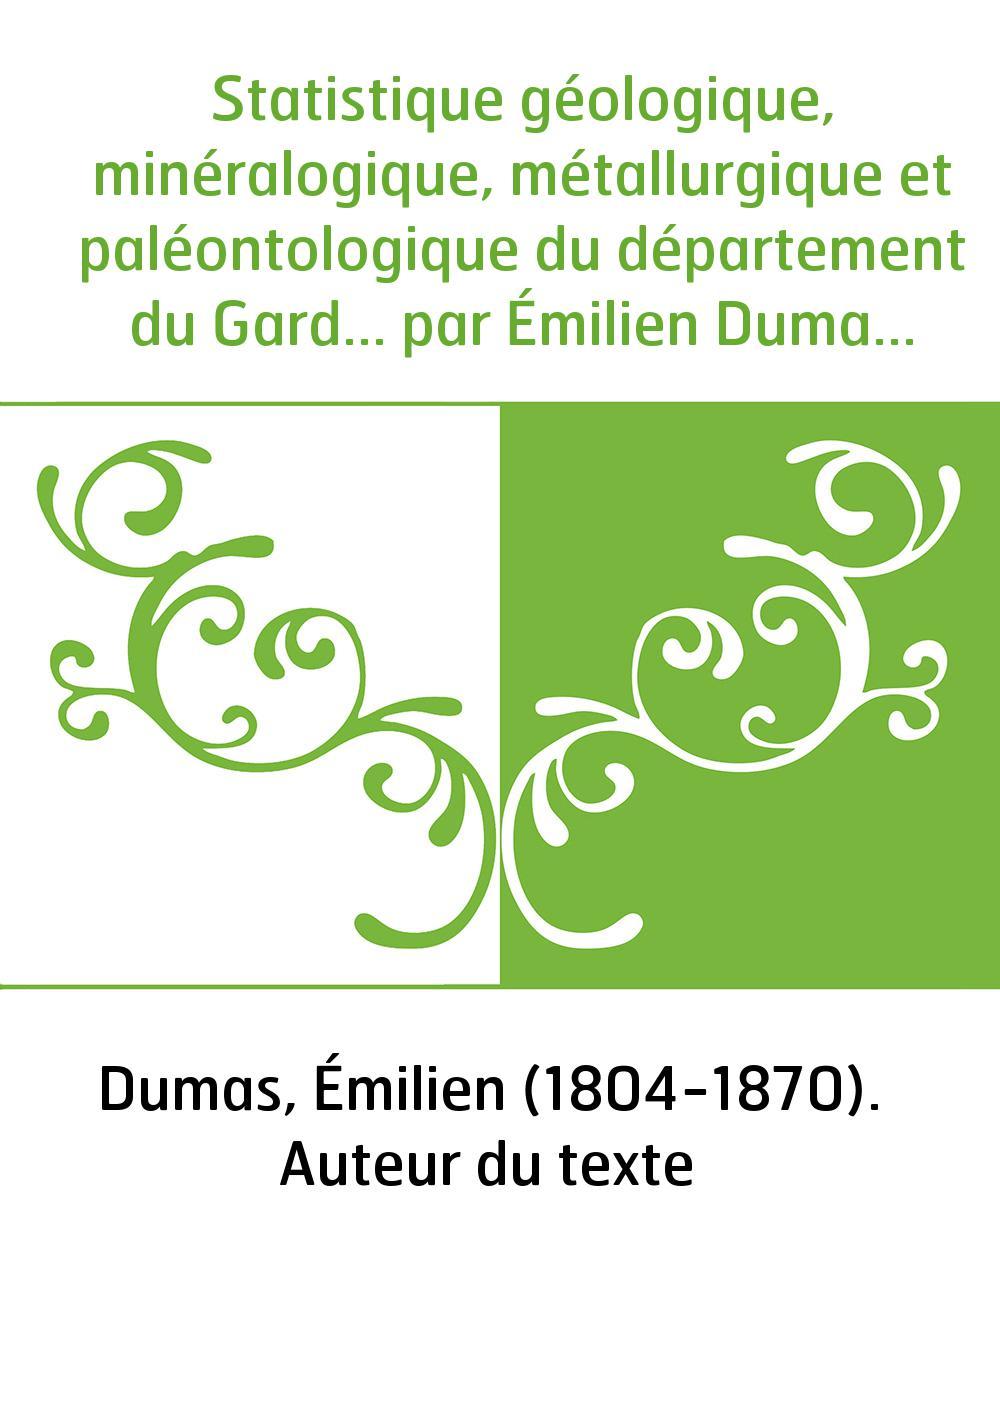 Statistique géologique, minéralogique, métallurgique et paléontologique du département du Gard... par Émilien Dumas,... 1re [-3e